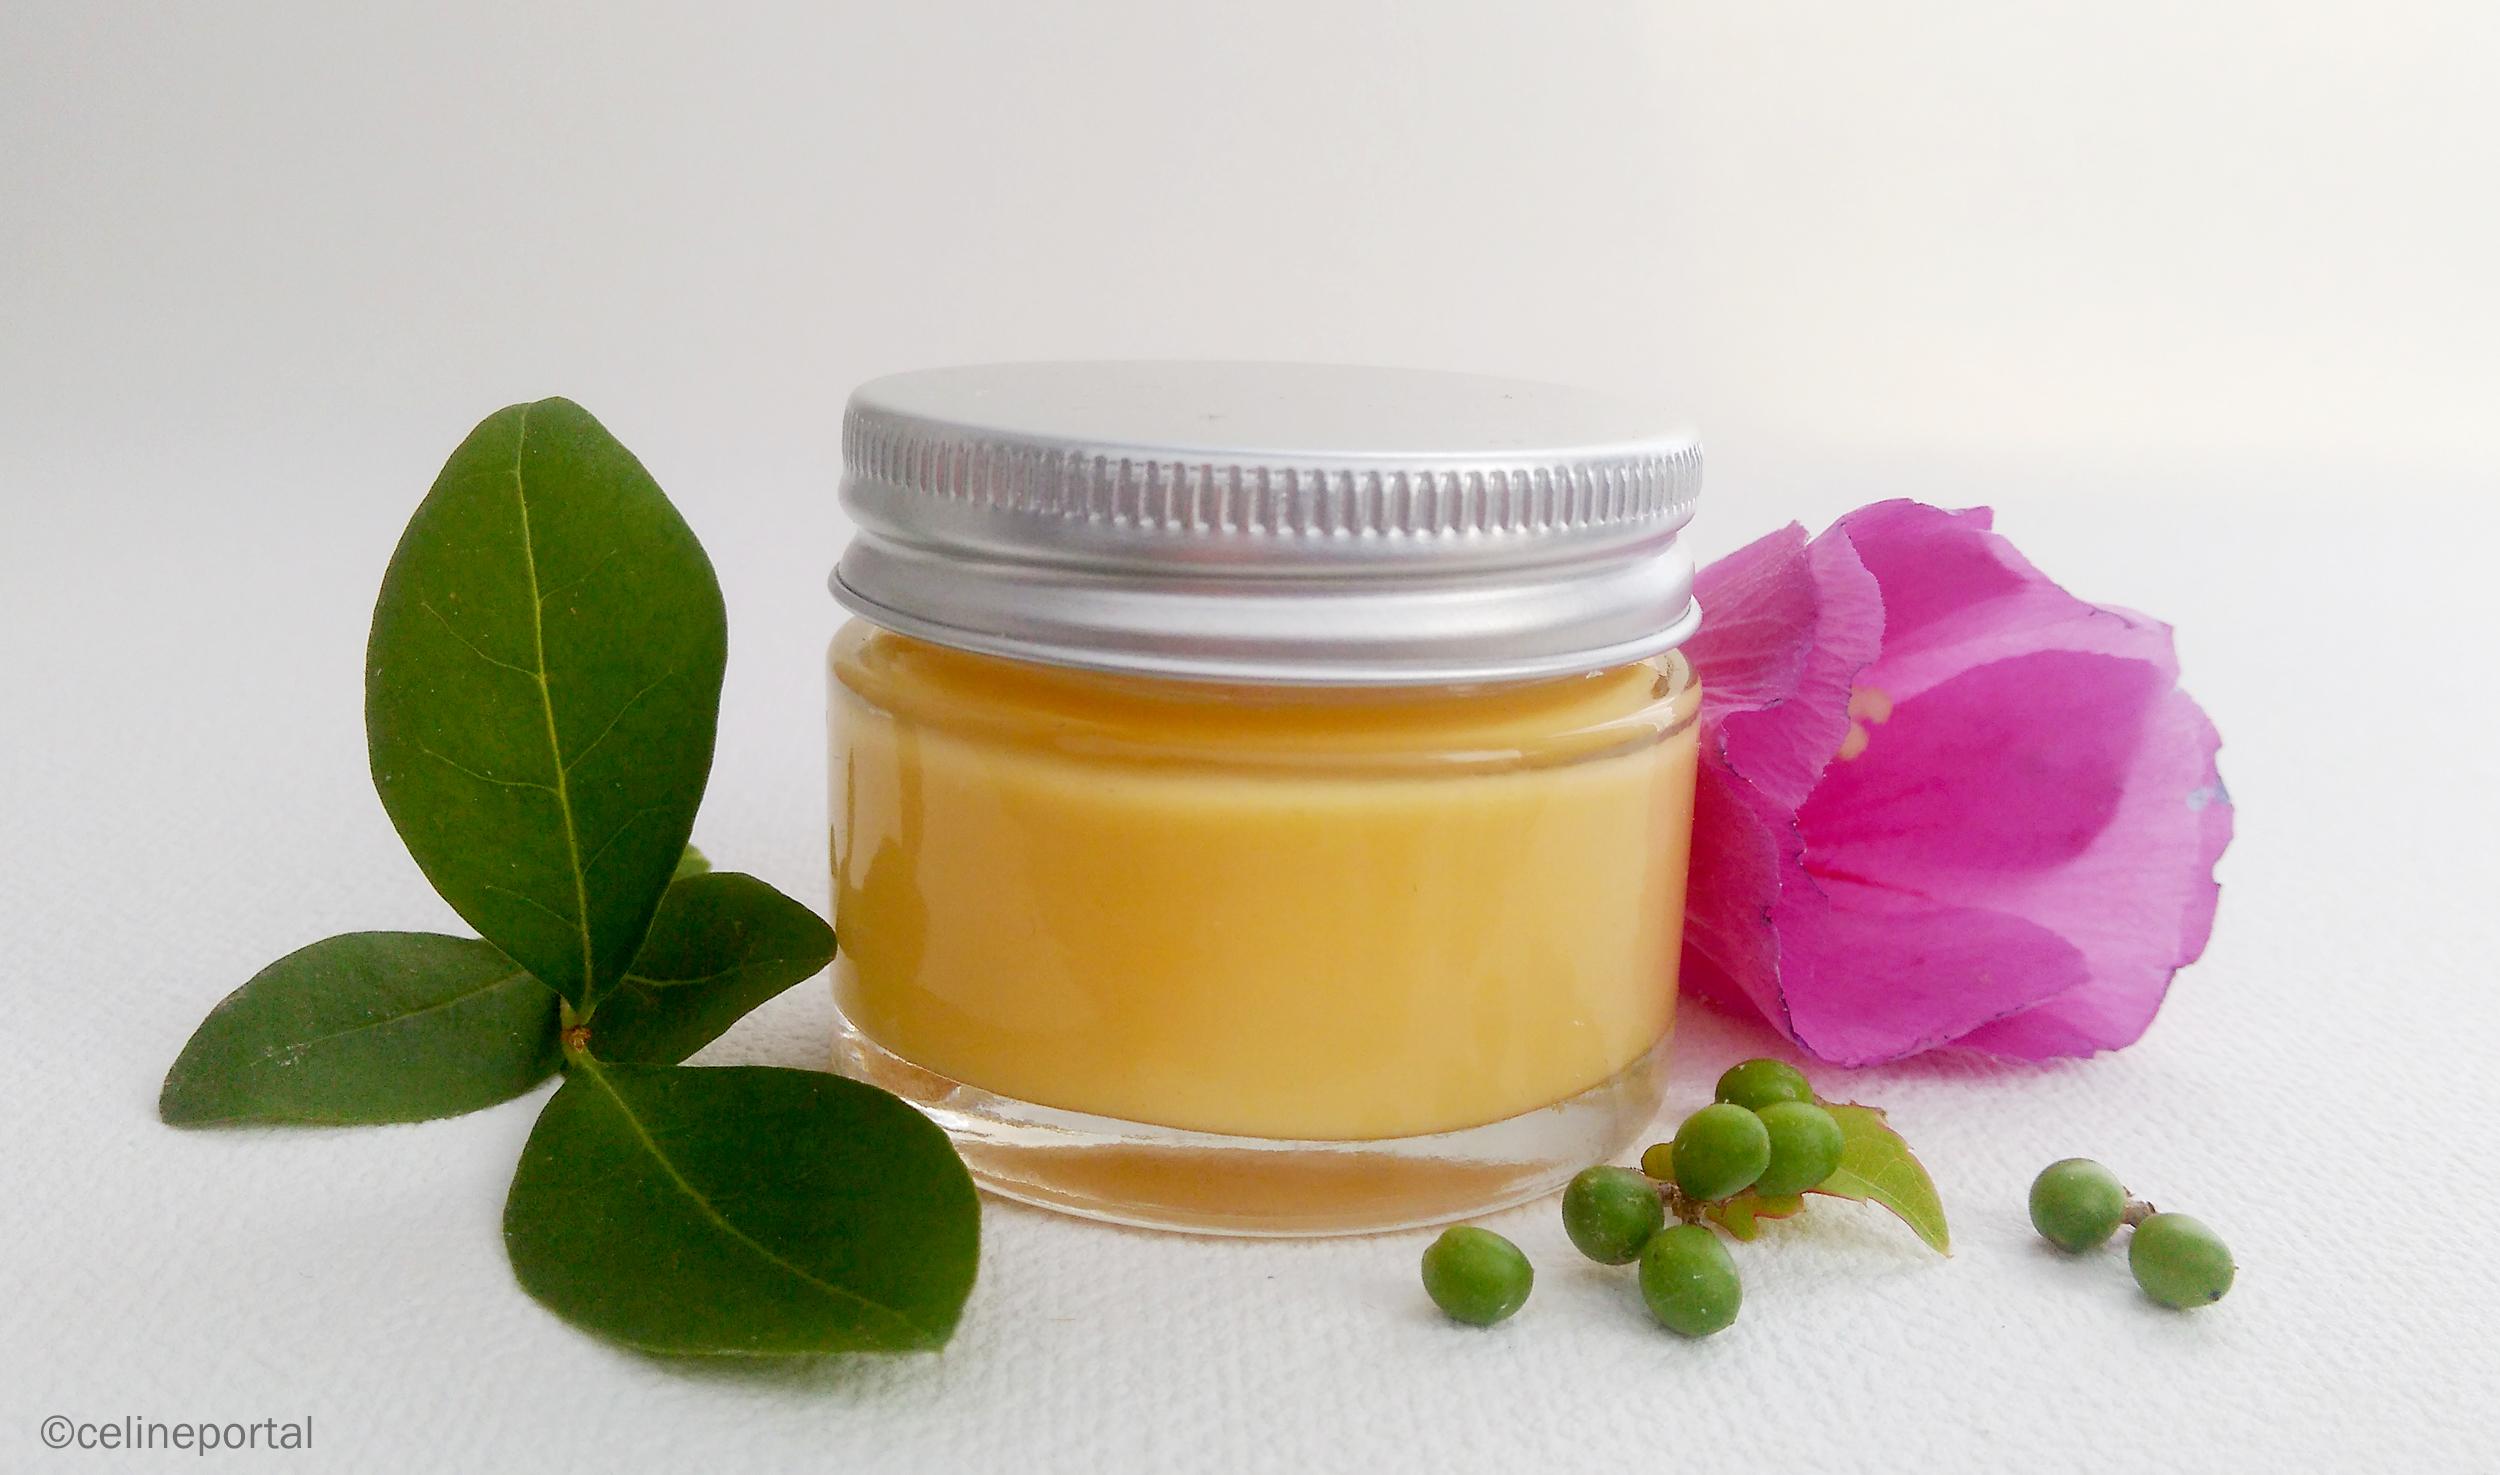 creme cosmetique peau fait maison zero dechet DIY